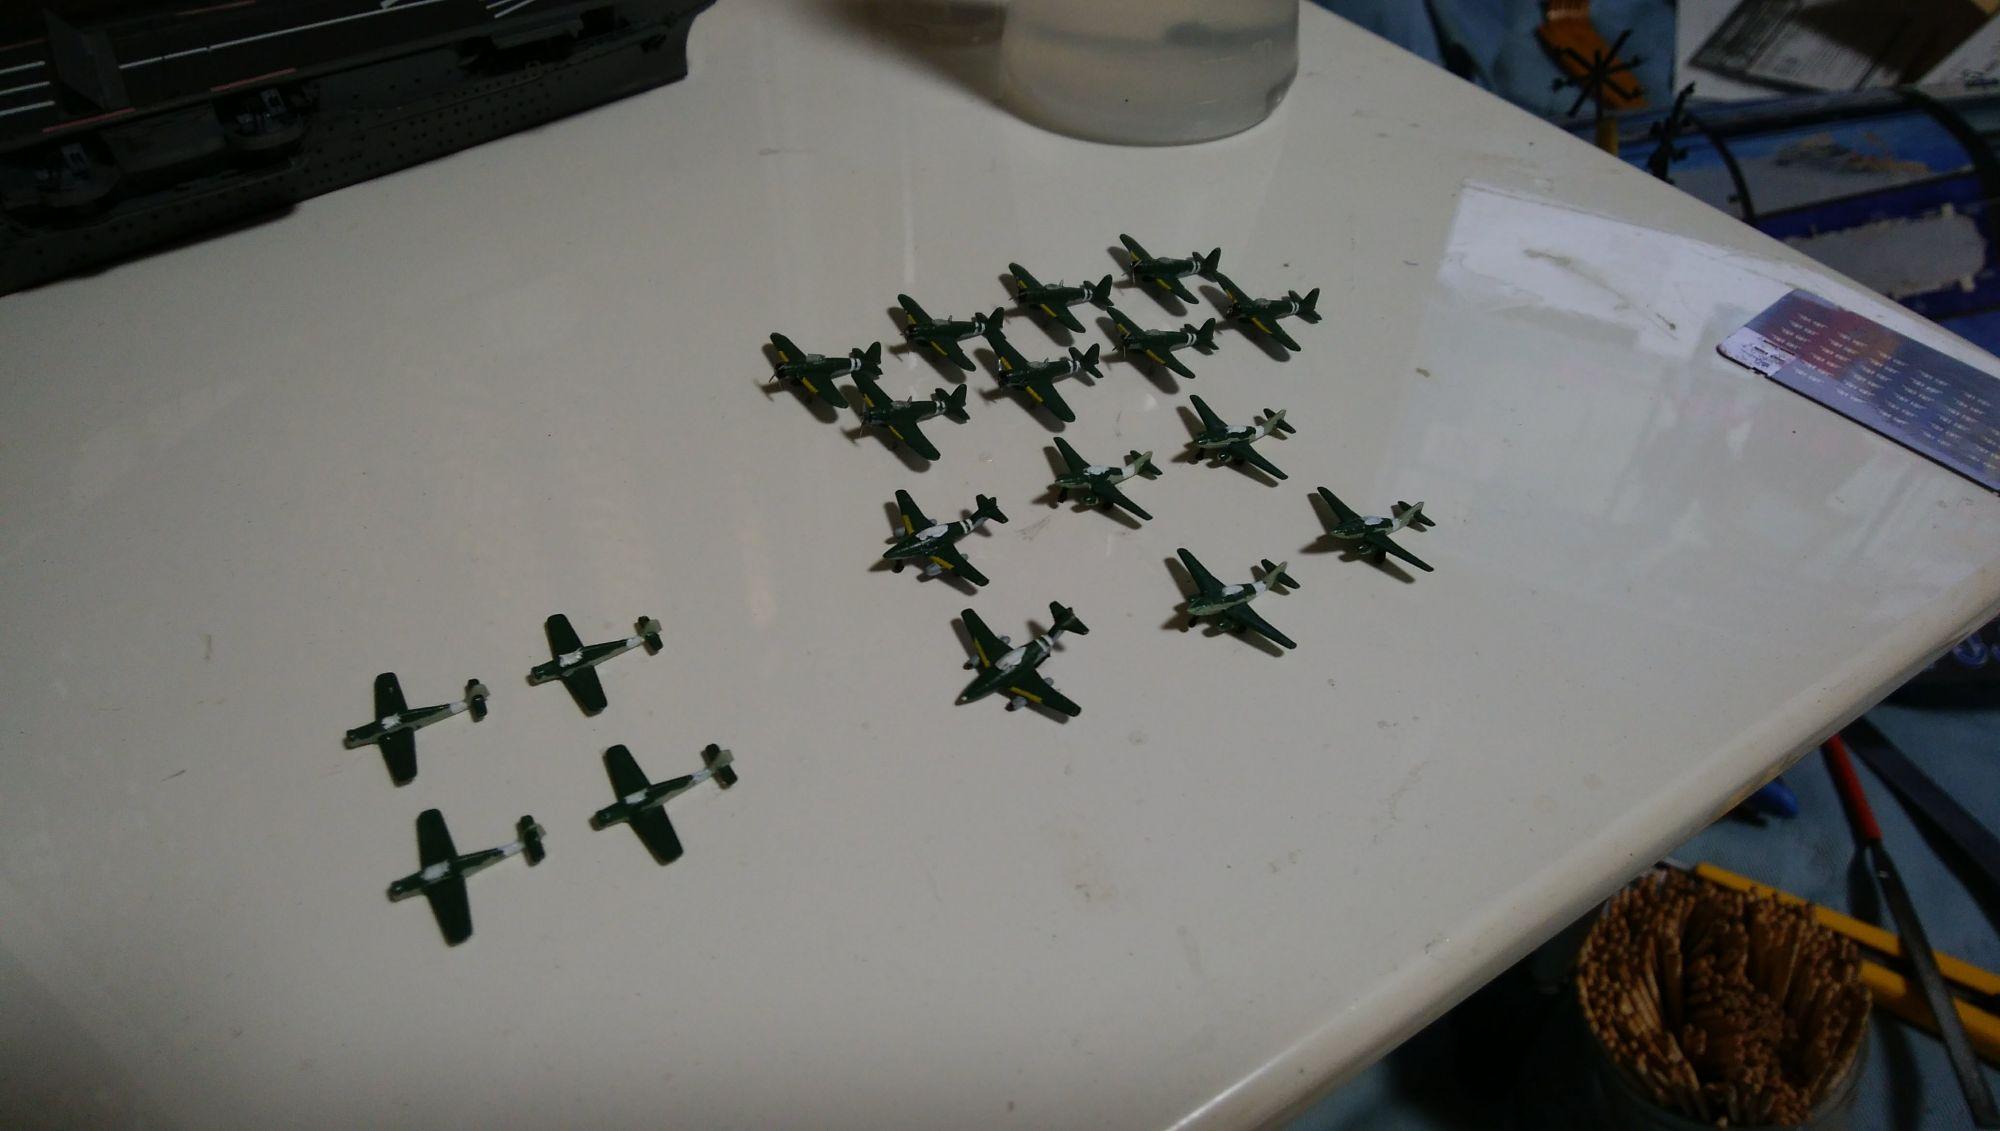 瑞鶴艦載機 烈風/Me262A/Fw190D